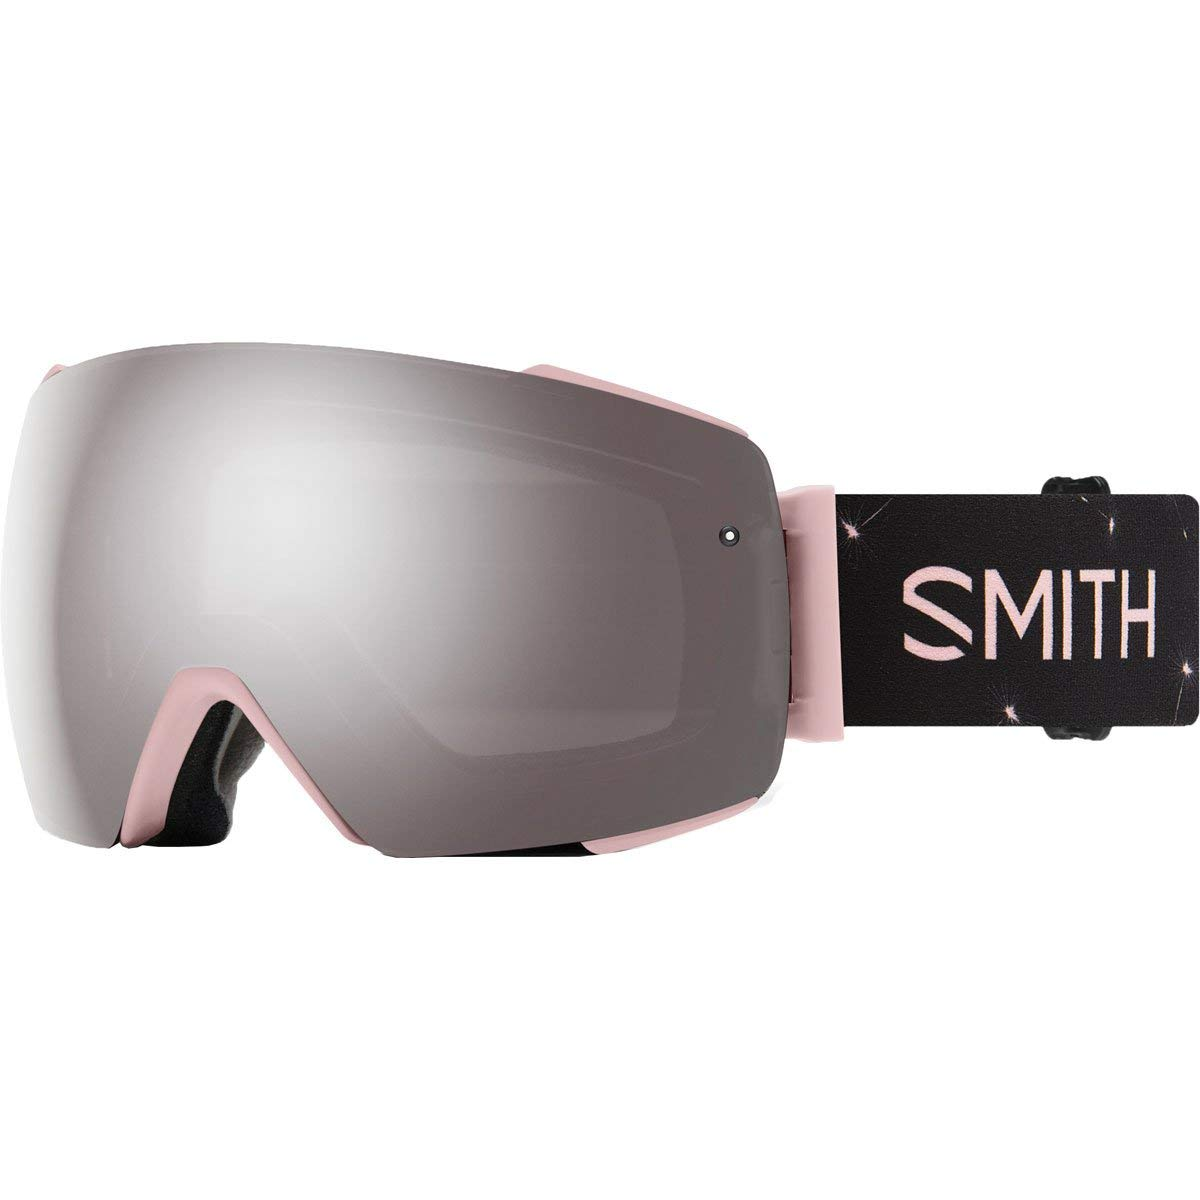 Orange Lens #3011678 Smith /& Wesson Magnum Safety 3G Glasses Platinum Frame